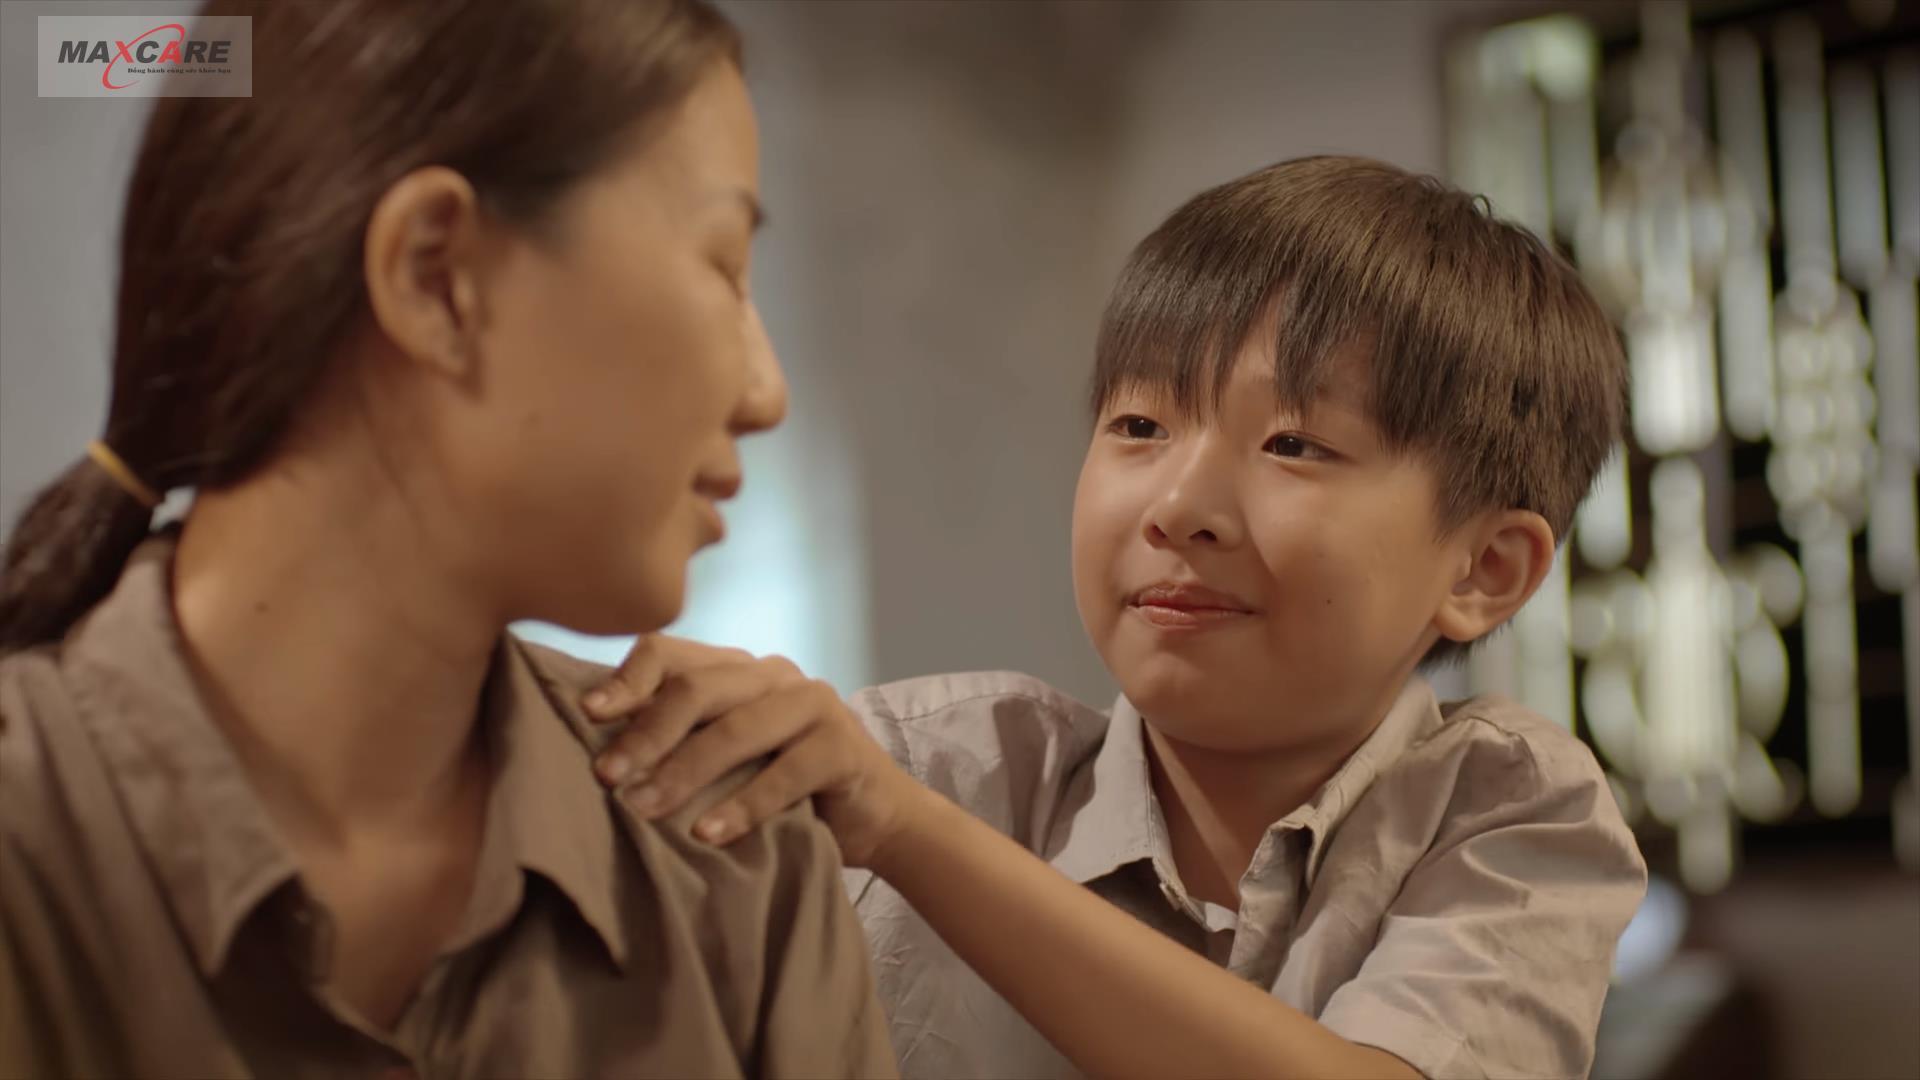 """""""Thánh Mưa"""" Trung Quân Idol đốn tim người nghe bằng giọng hát ngọt ngào trong MV mới về mẹ - Ảnh 4."""